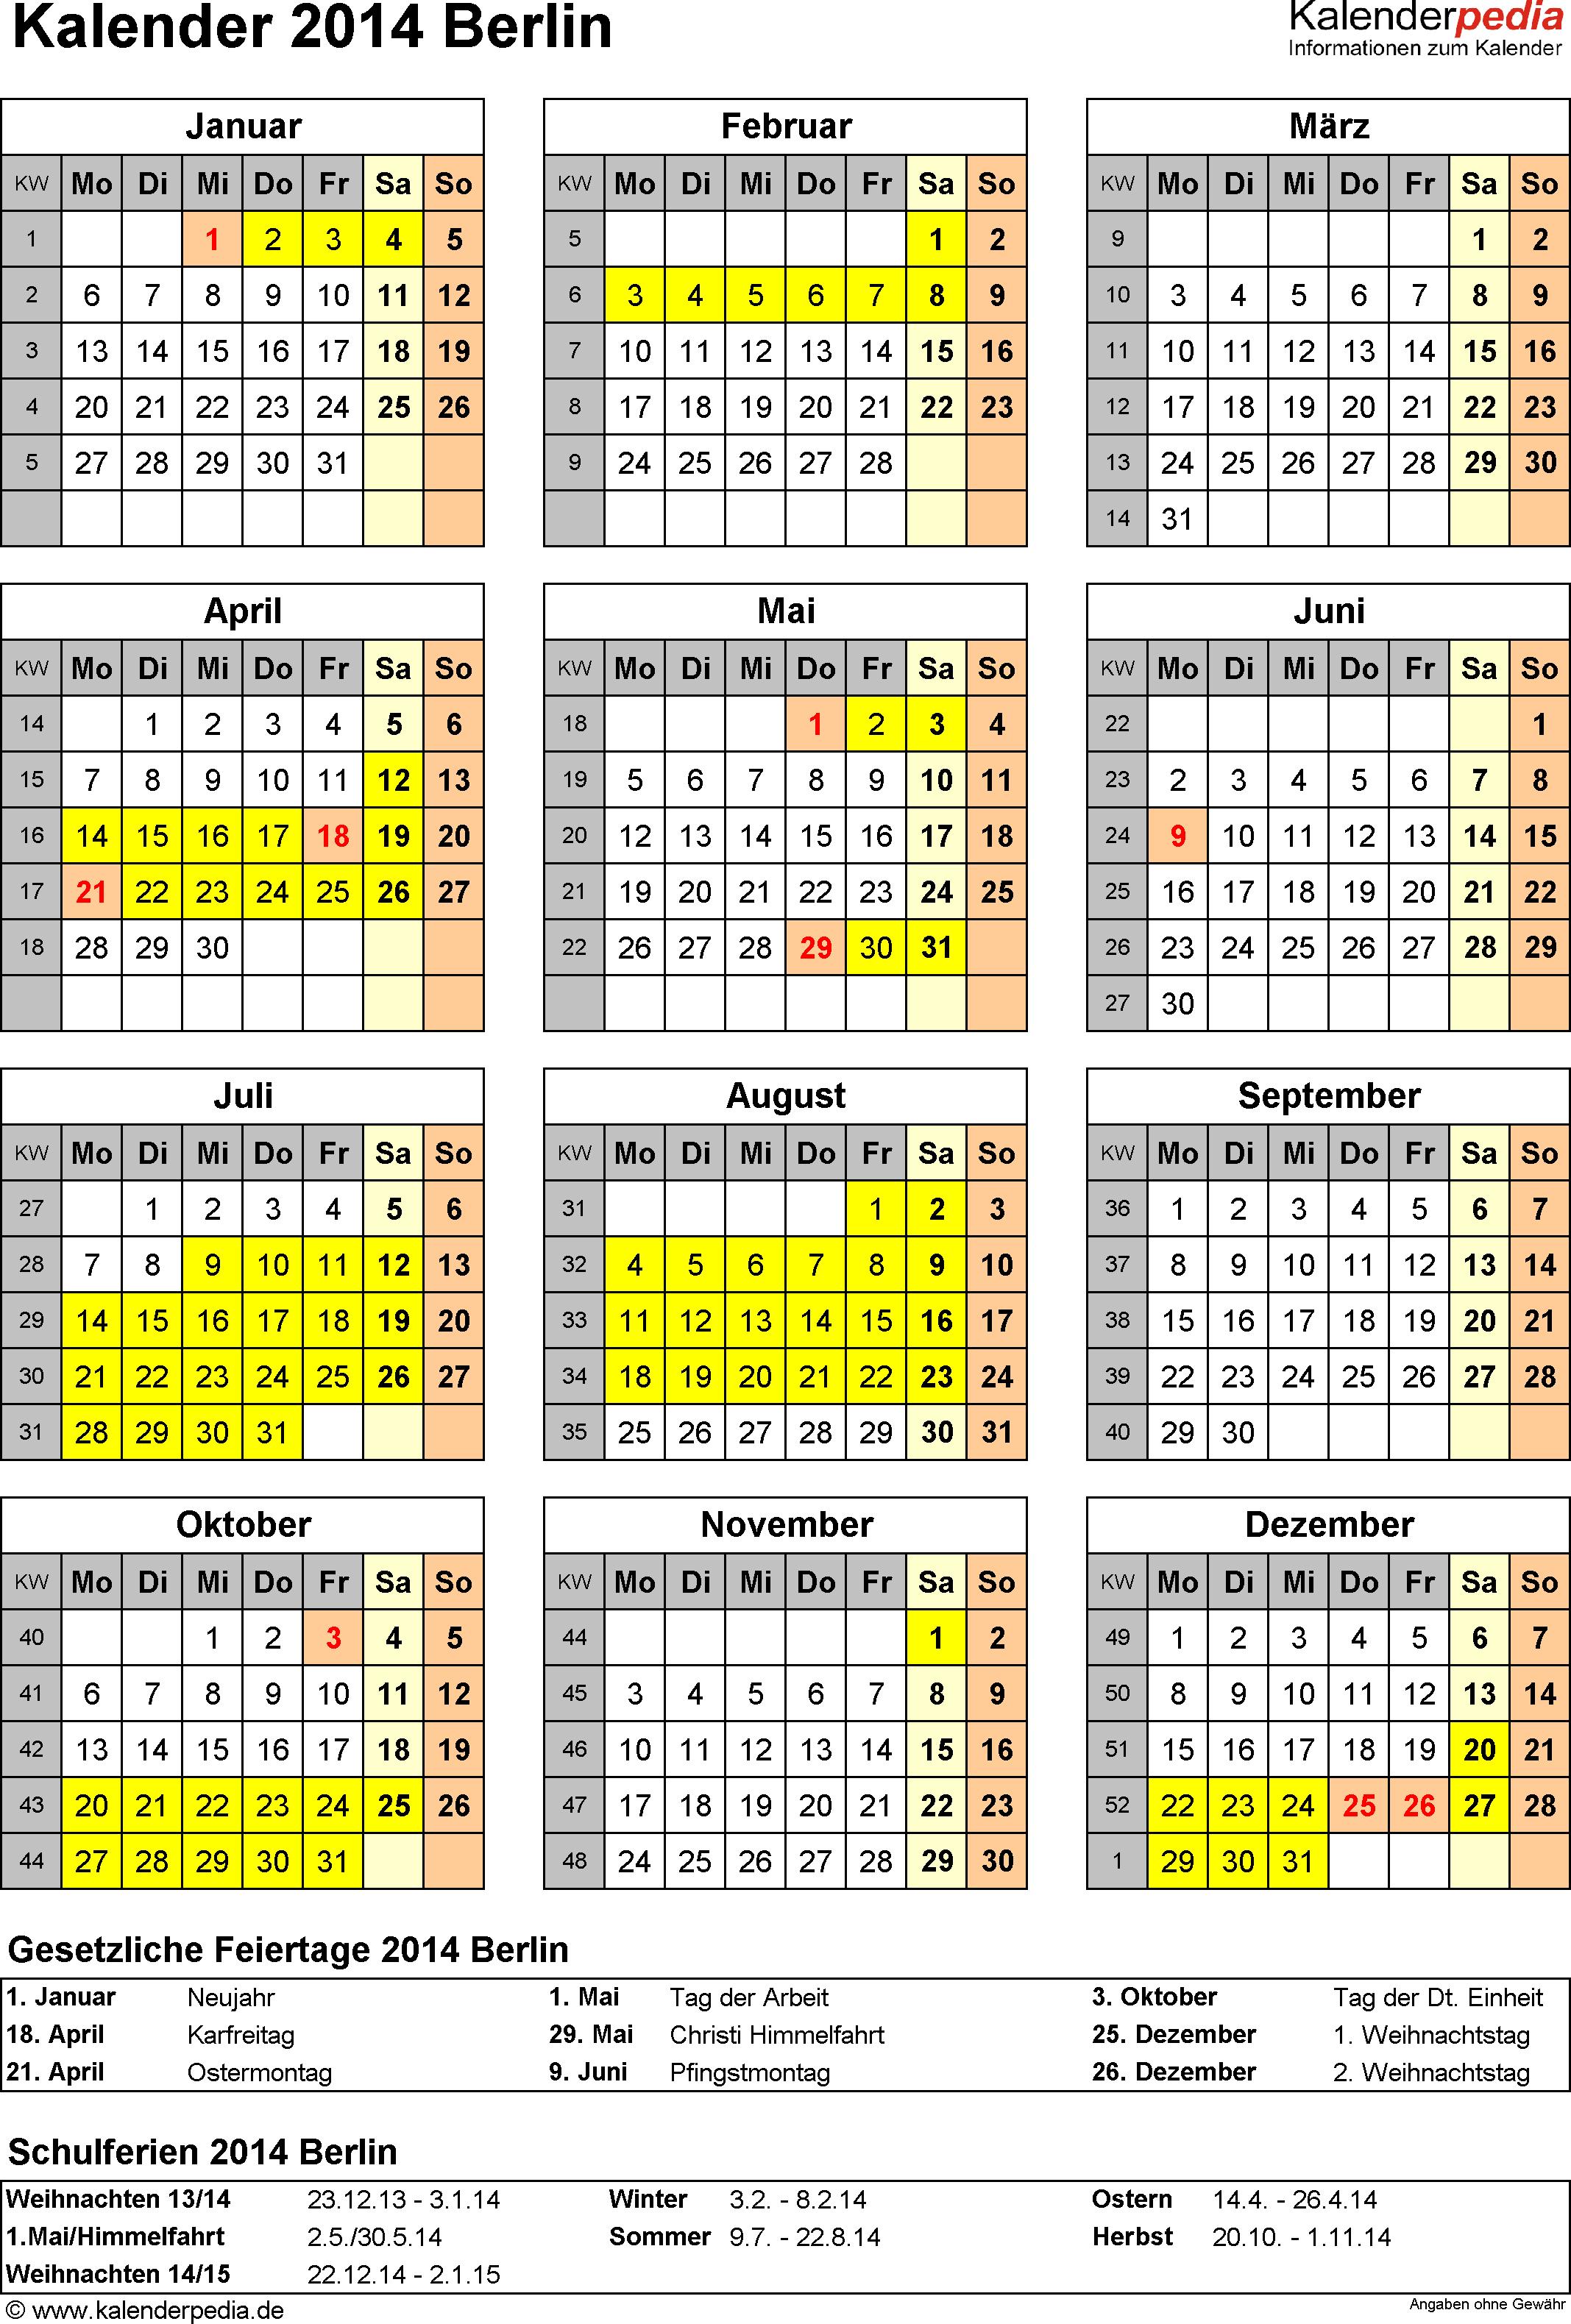 Vorlage 4: Kalender Berlin 2014 als Word-Vorlage (Hochformat)